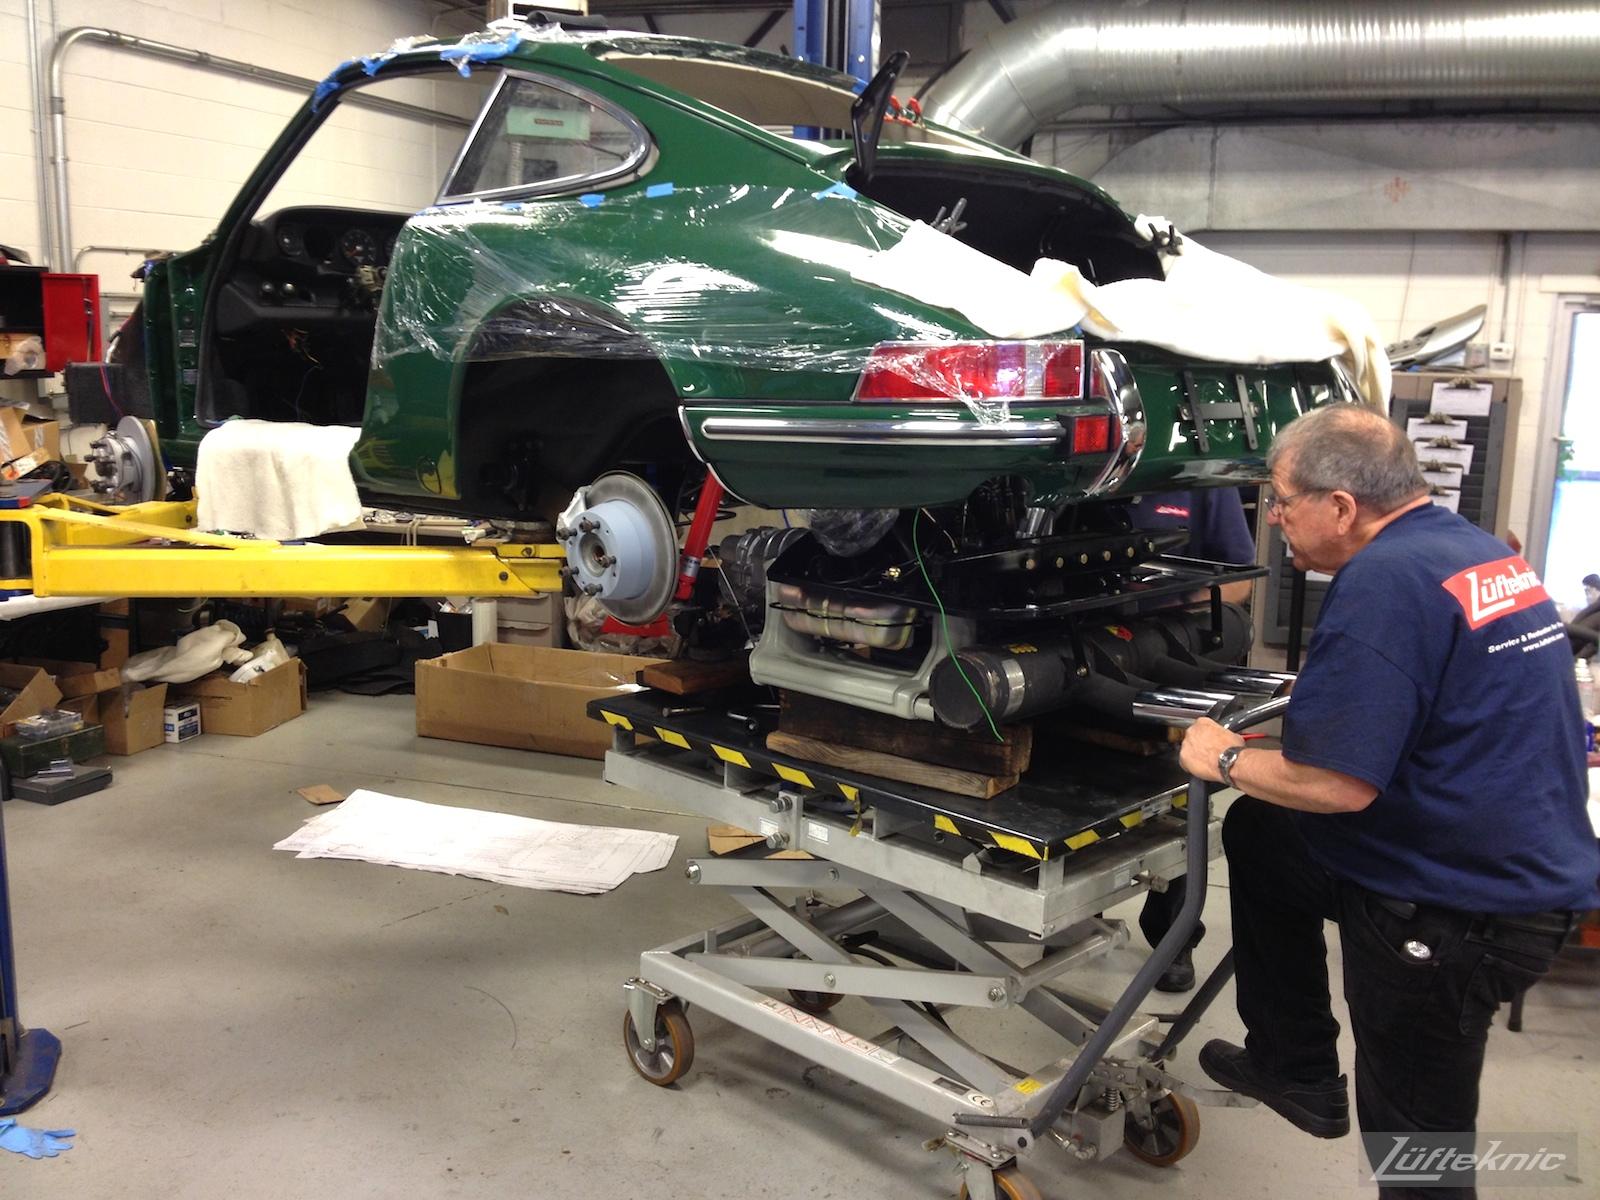 Porsche 912 engine being installed